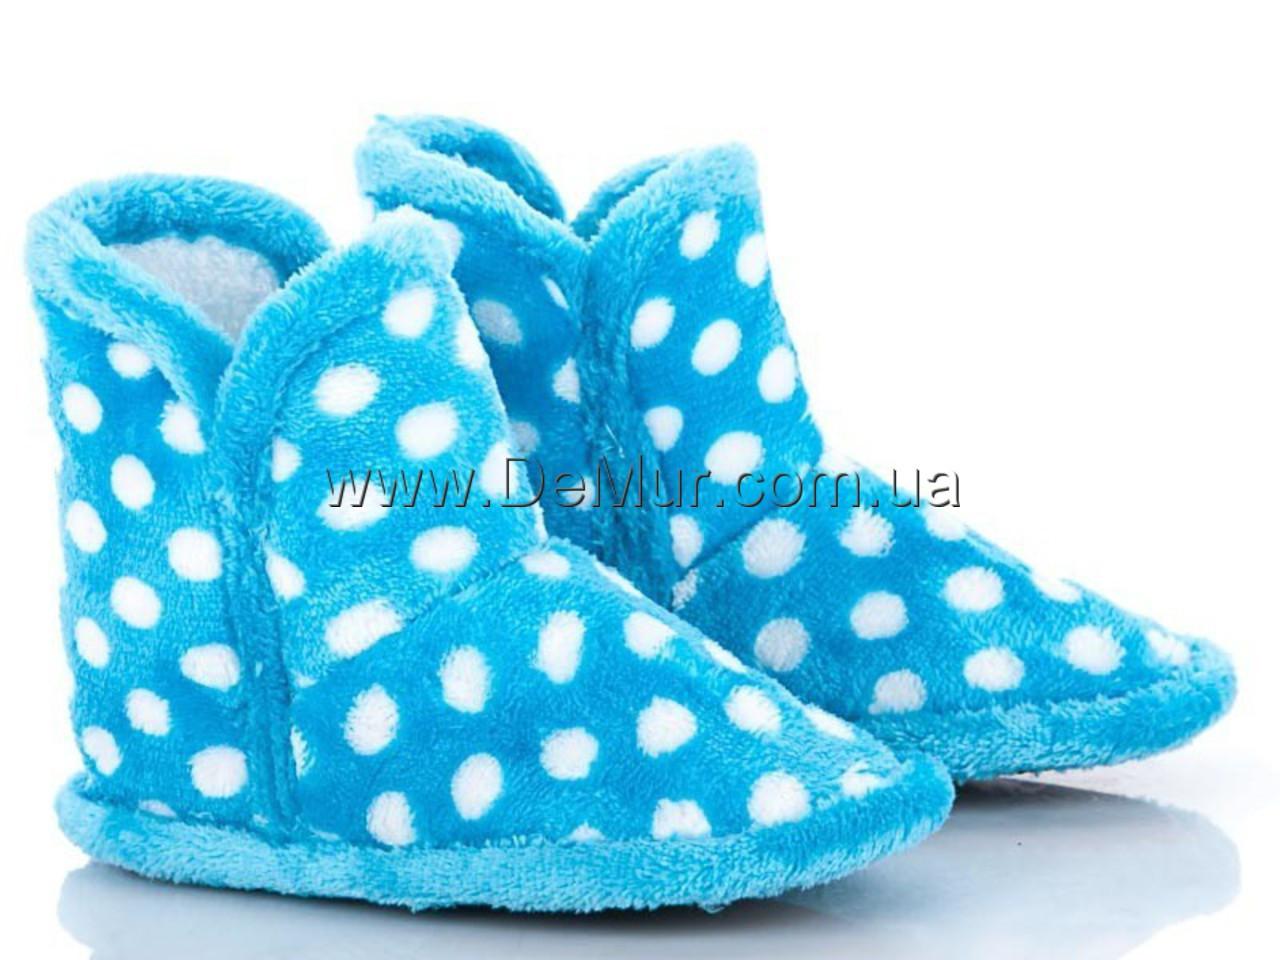 Тапки для дома детские (24-29) Cinar-VAL-005 - DeMur интернет-магазин обуви в Одессе